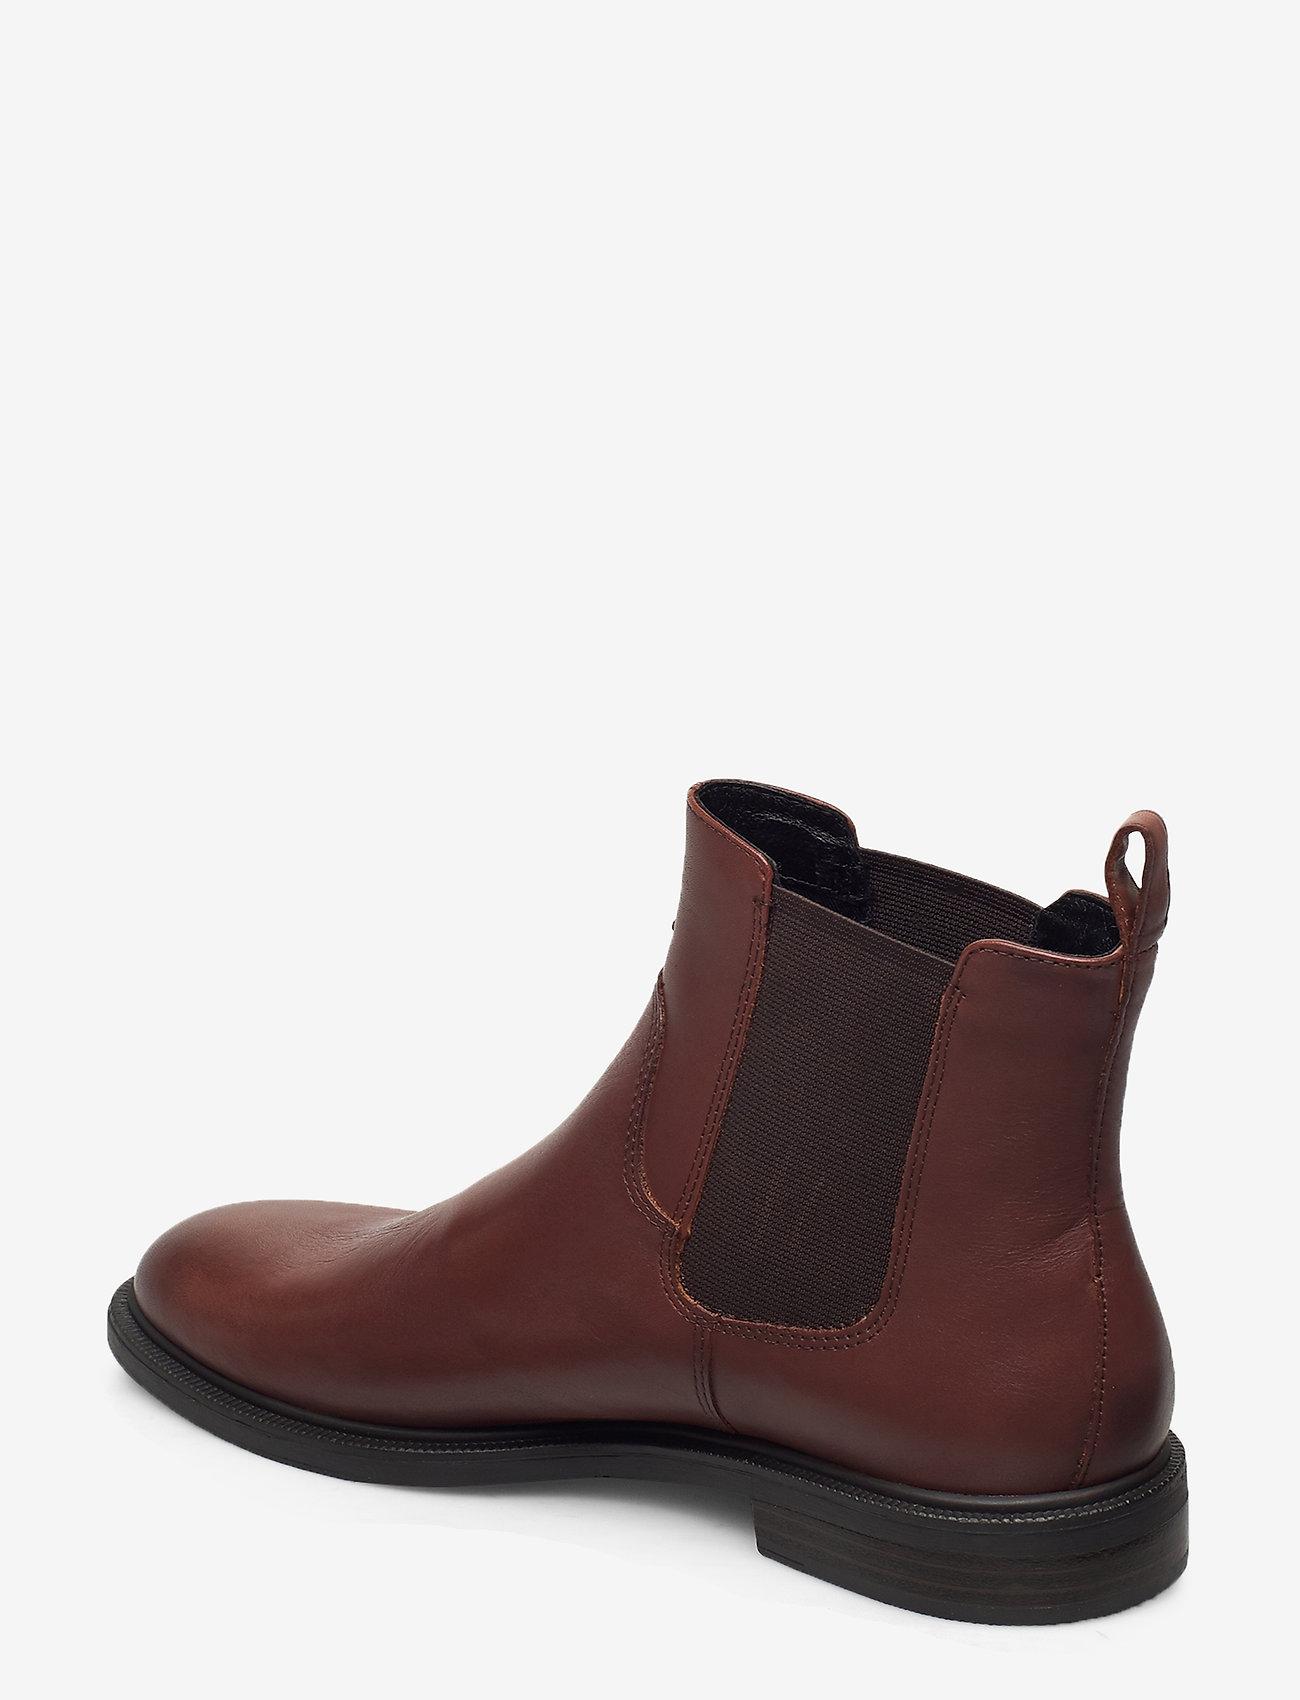 VAGABOND - AMINA - chelsea boots - cognac - 2